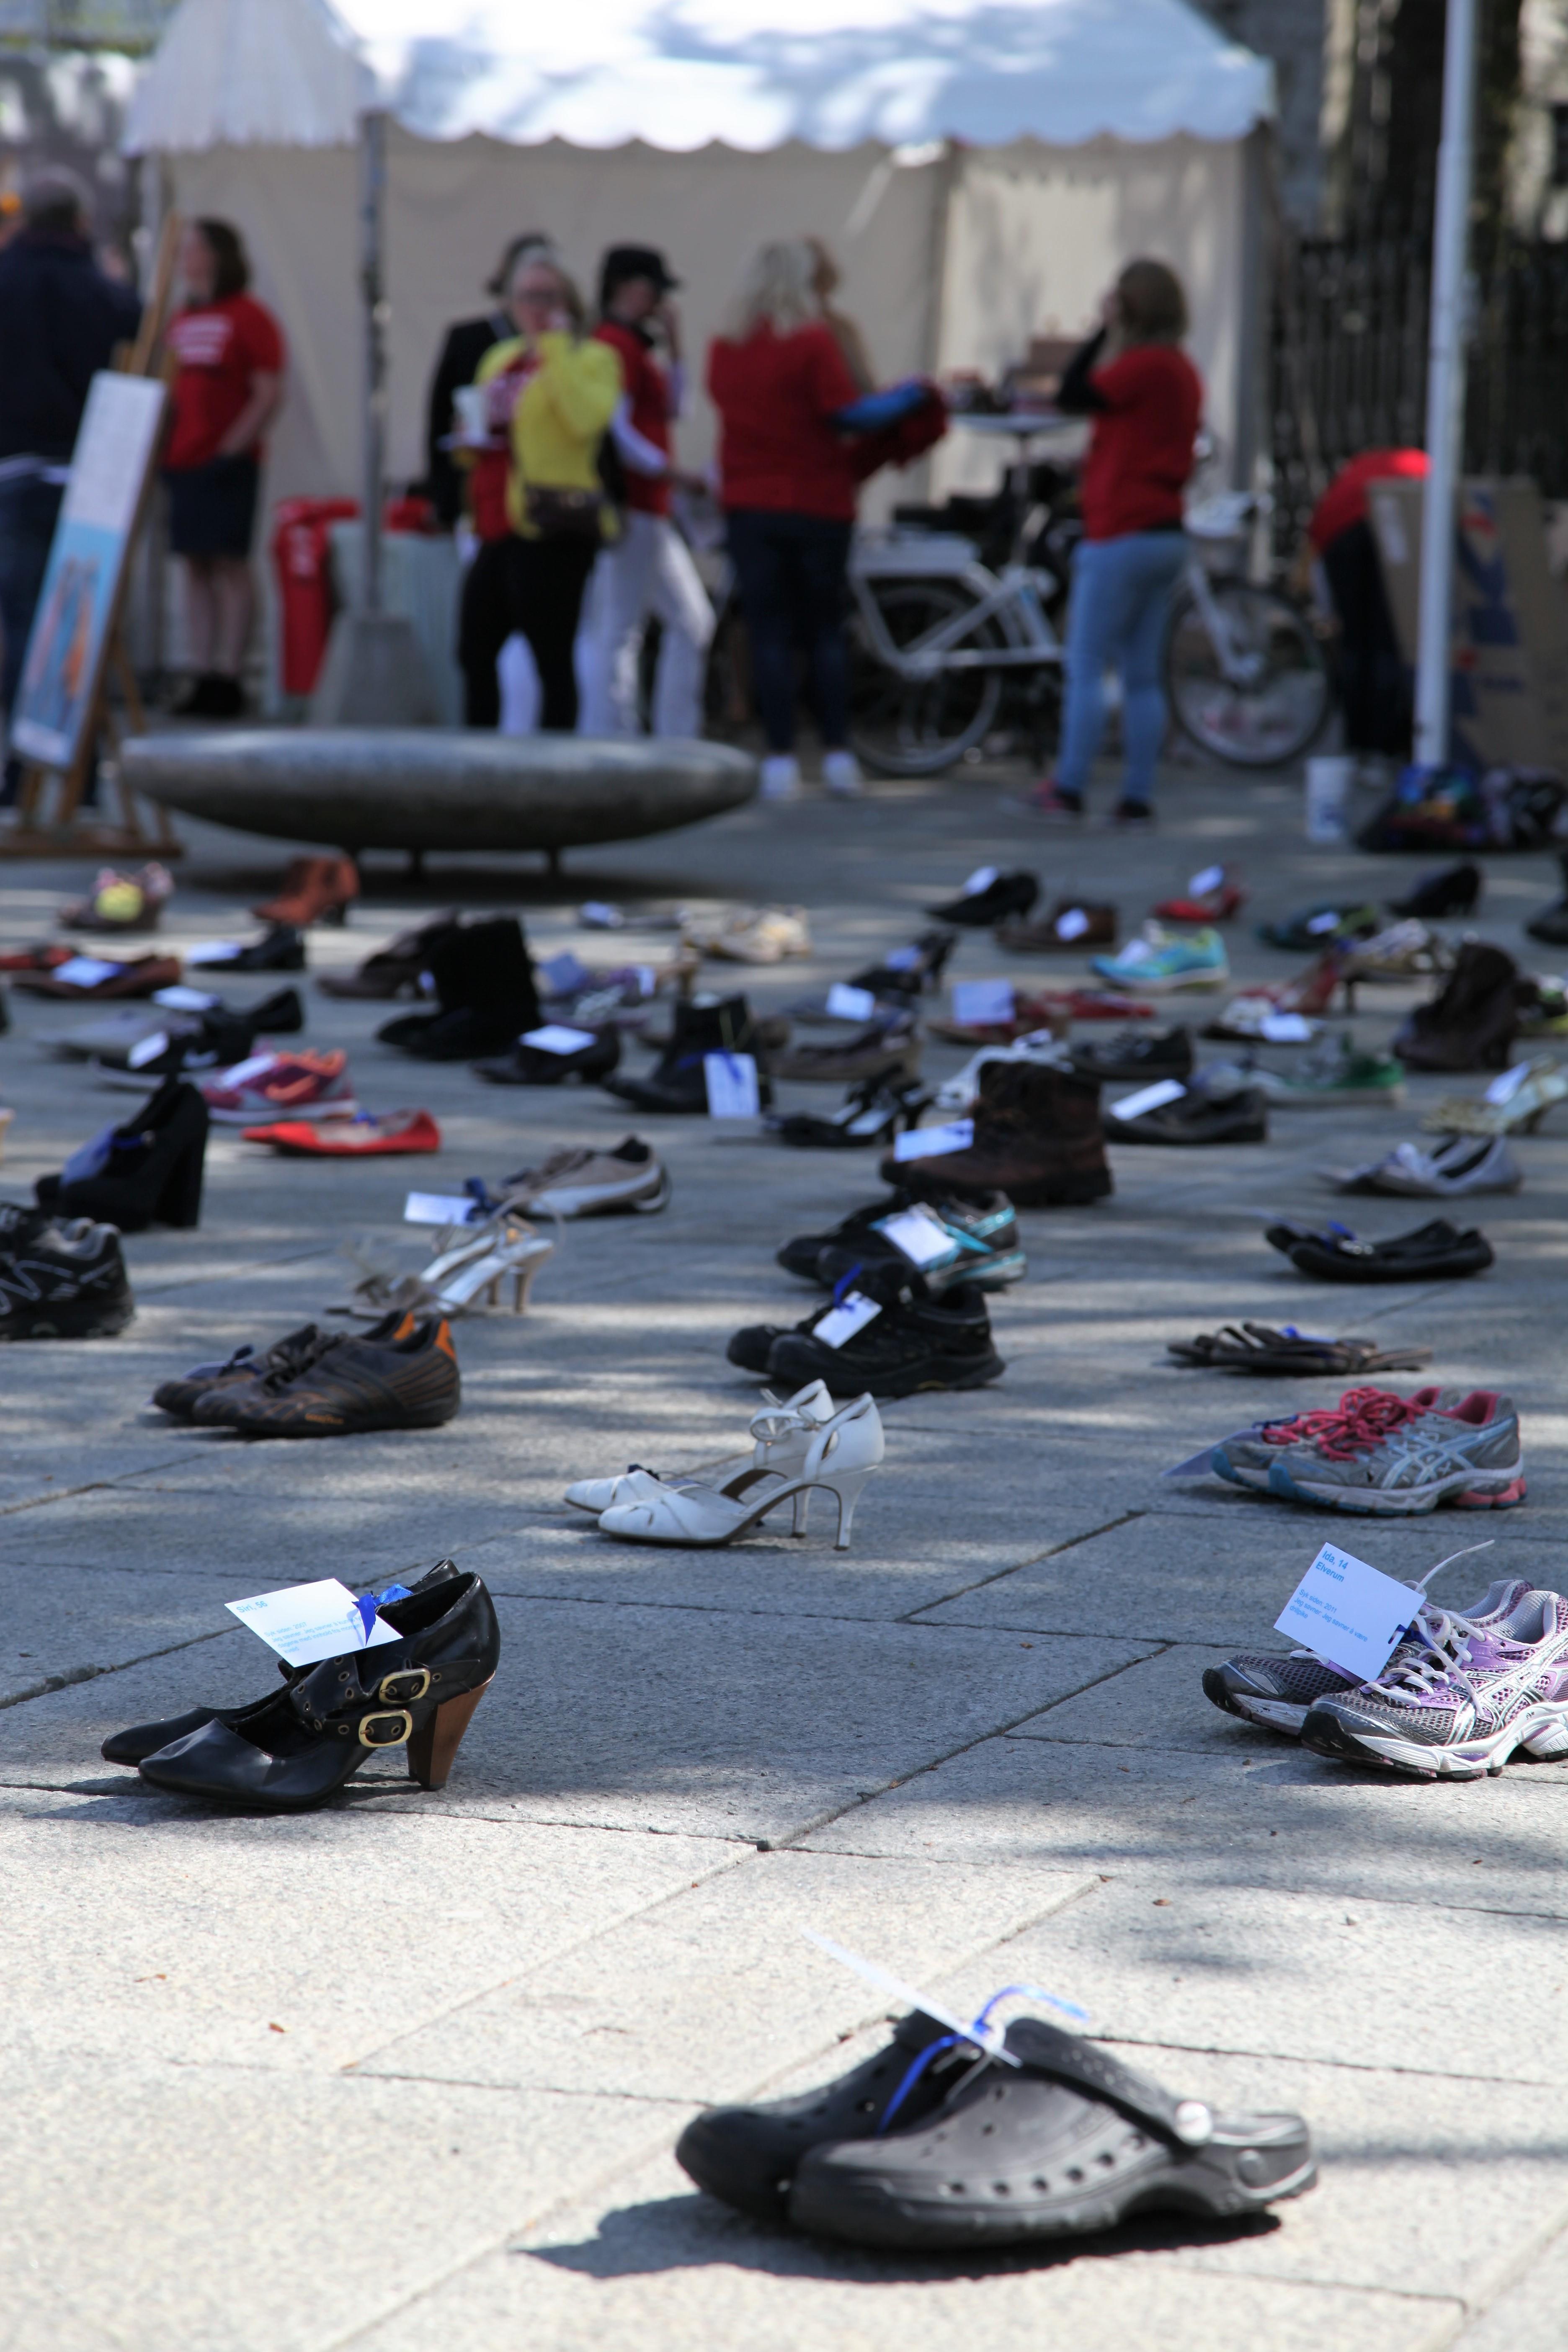 3c5e23c6 Flere hundre par sko var utstilt, ME-pasienter som ikke selv kunne delta,  var likevel der – representert av skoene.